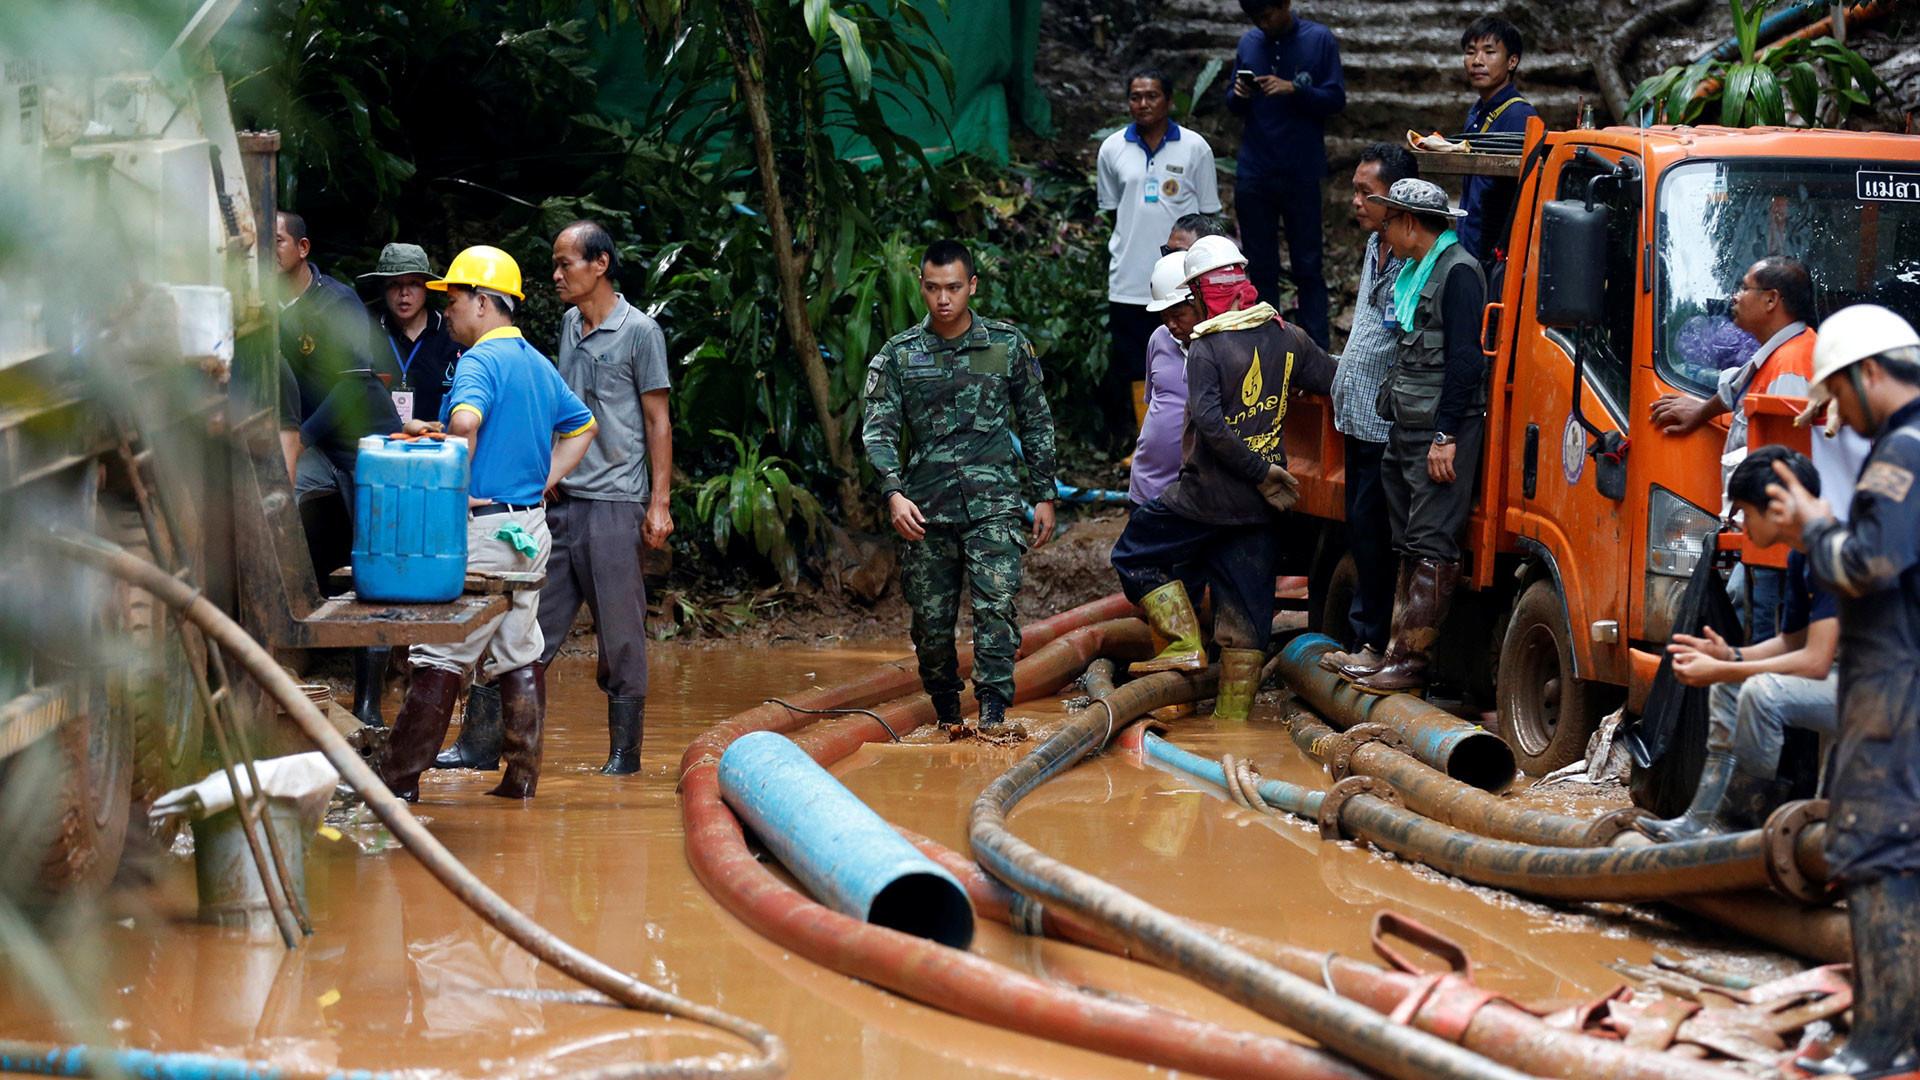 Evalúan estrategias para sacar a niños atrapados en cueva de Tailandia